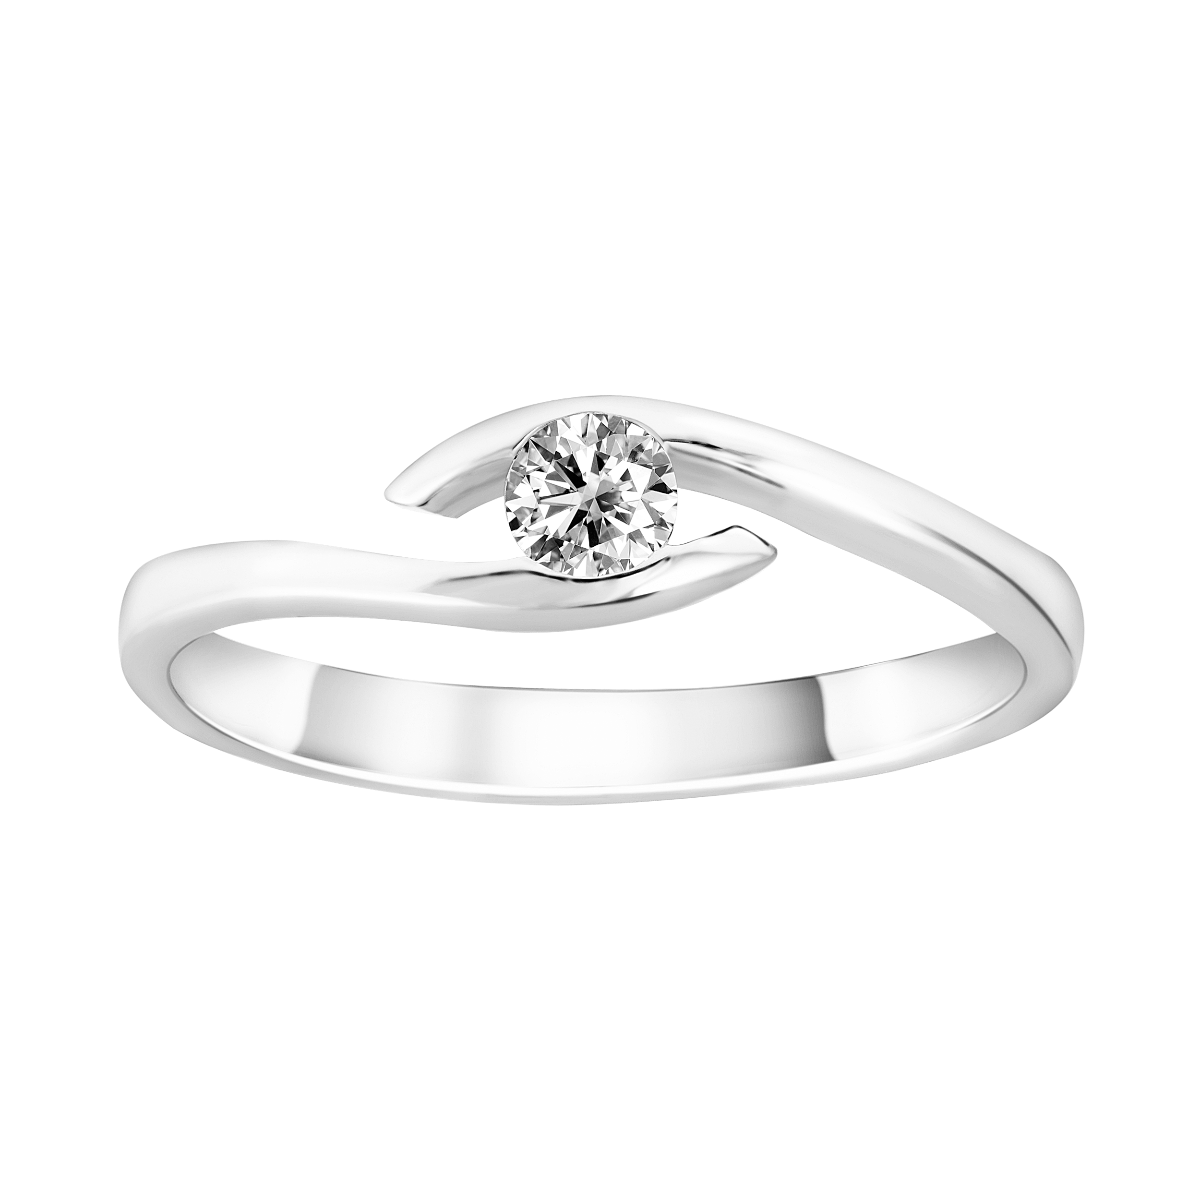 Solitario de diamantes en oro blanco